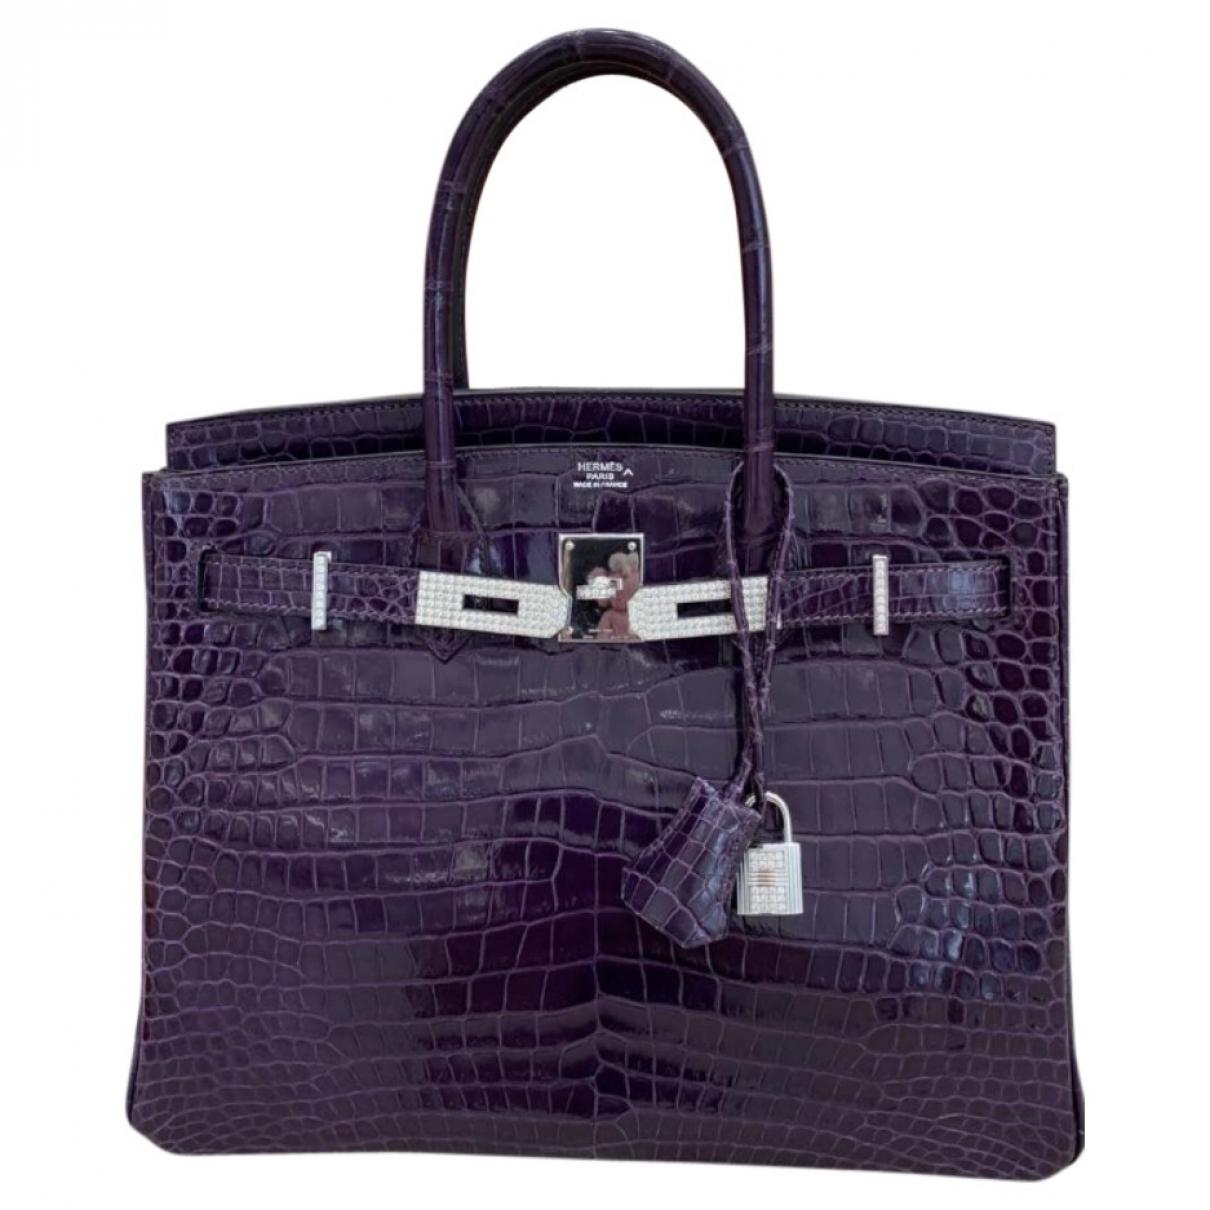 Hermes Birkin 30 Handtasche in  Lila Krokodil